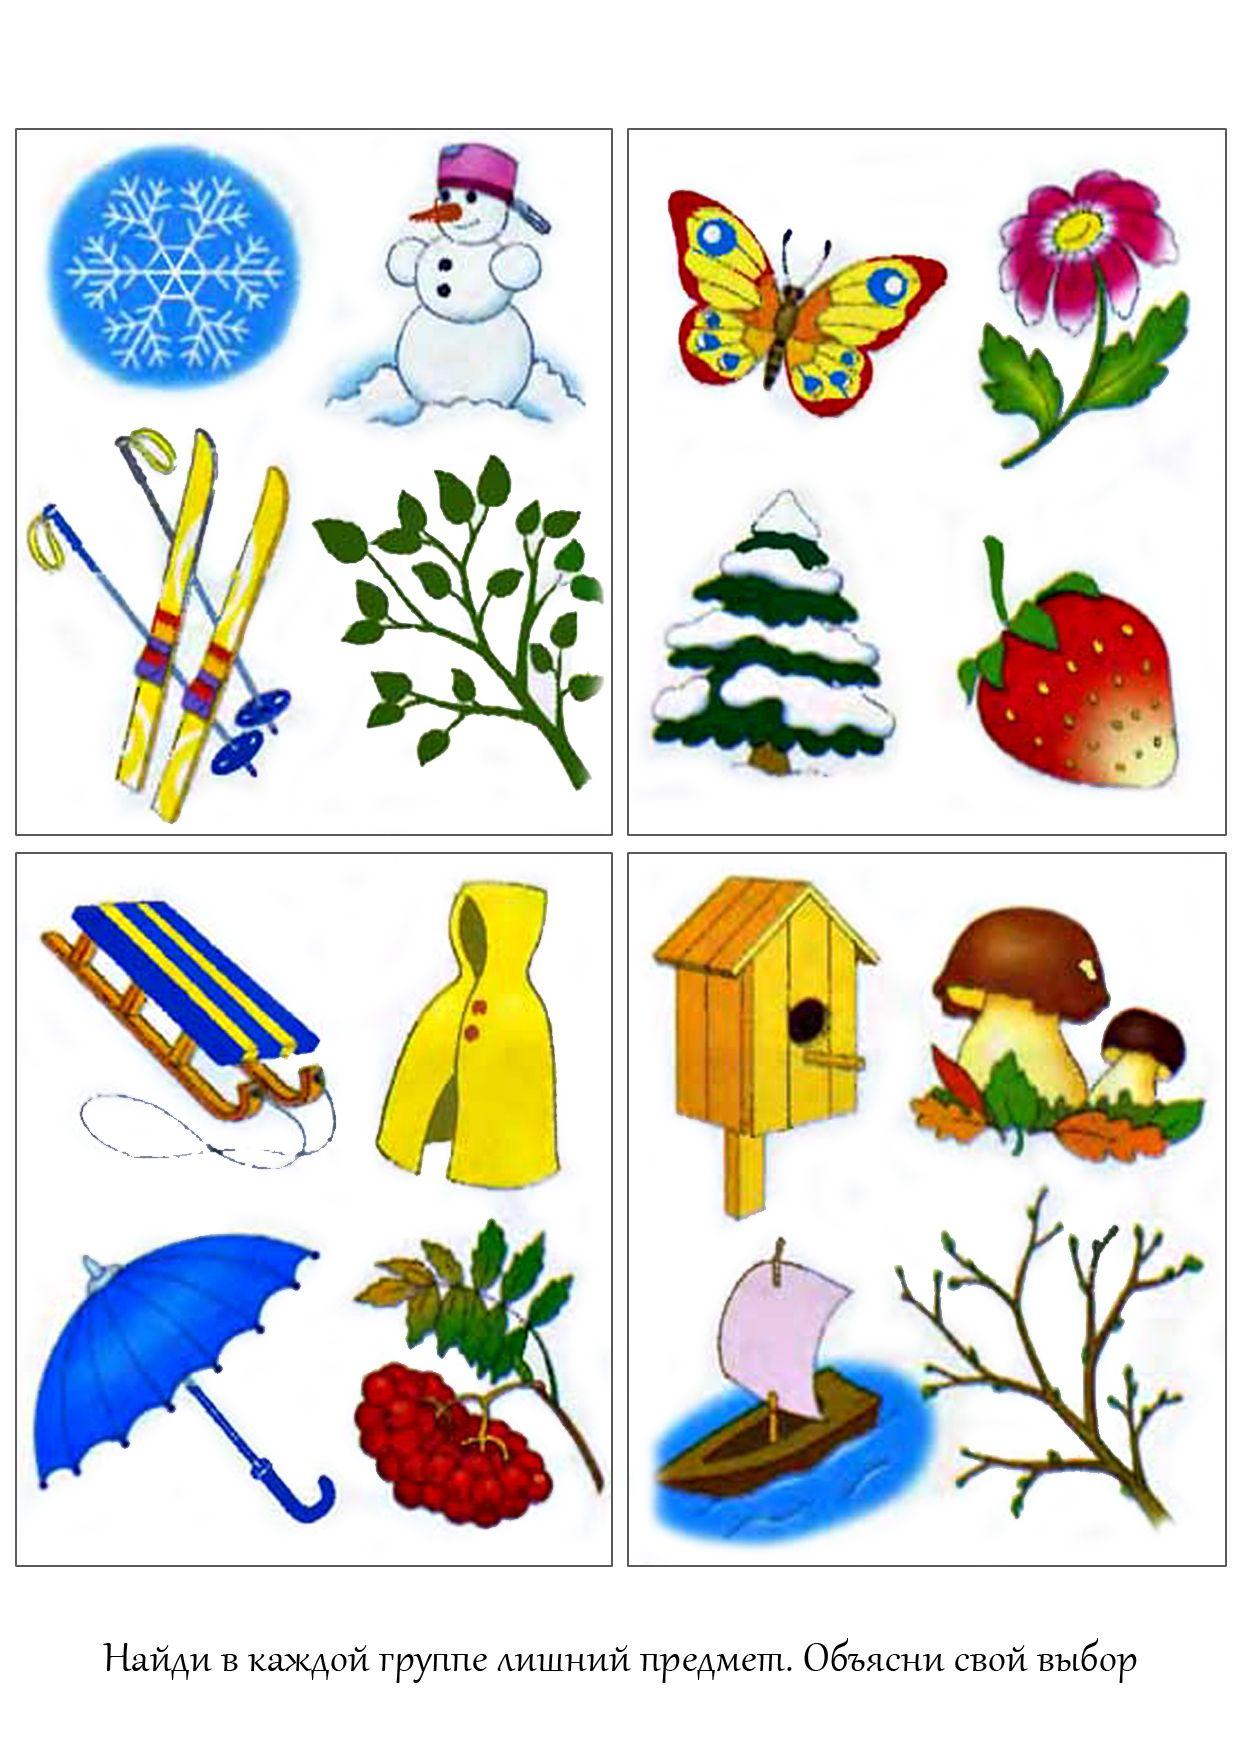 Название всех садовых цветов с картинками